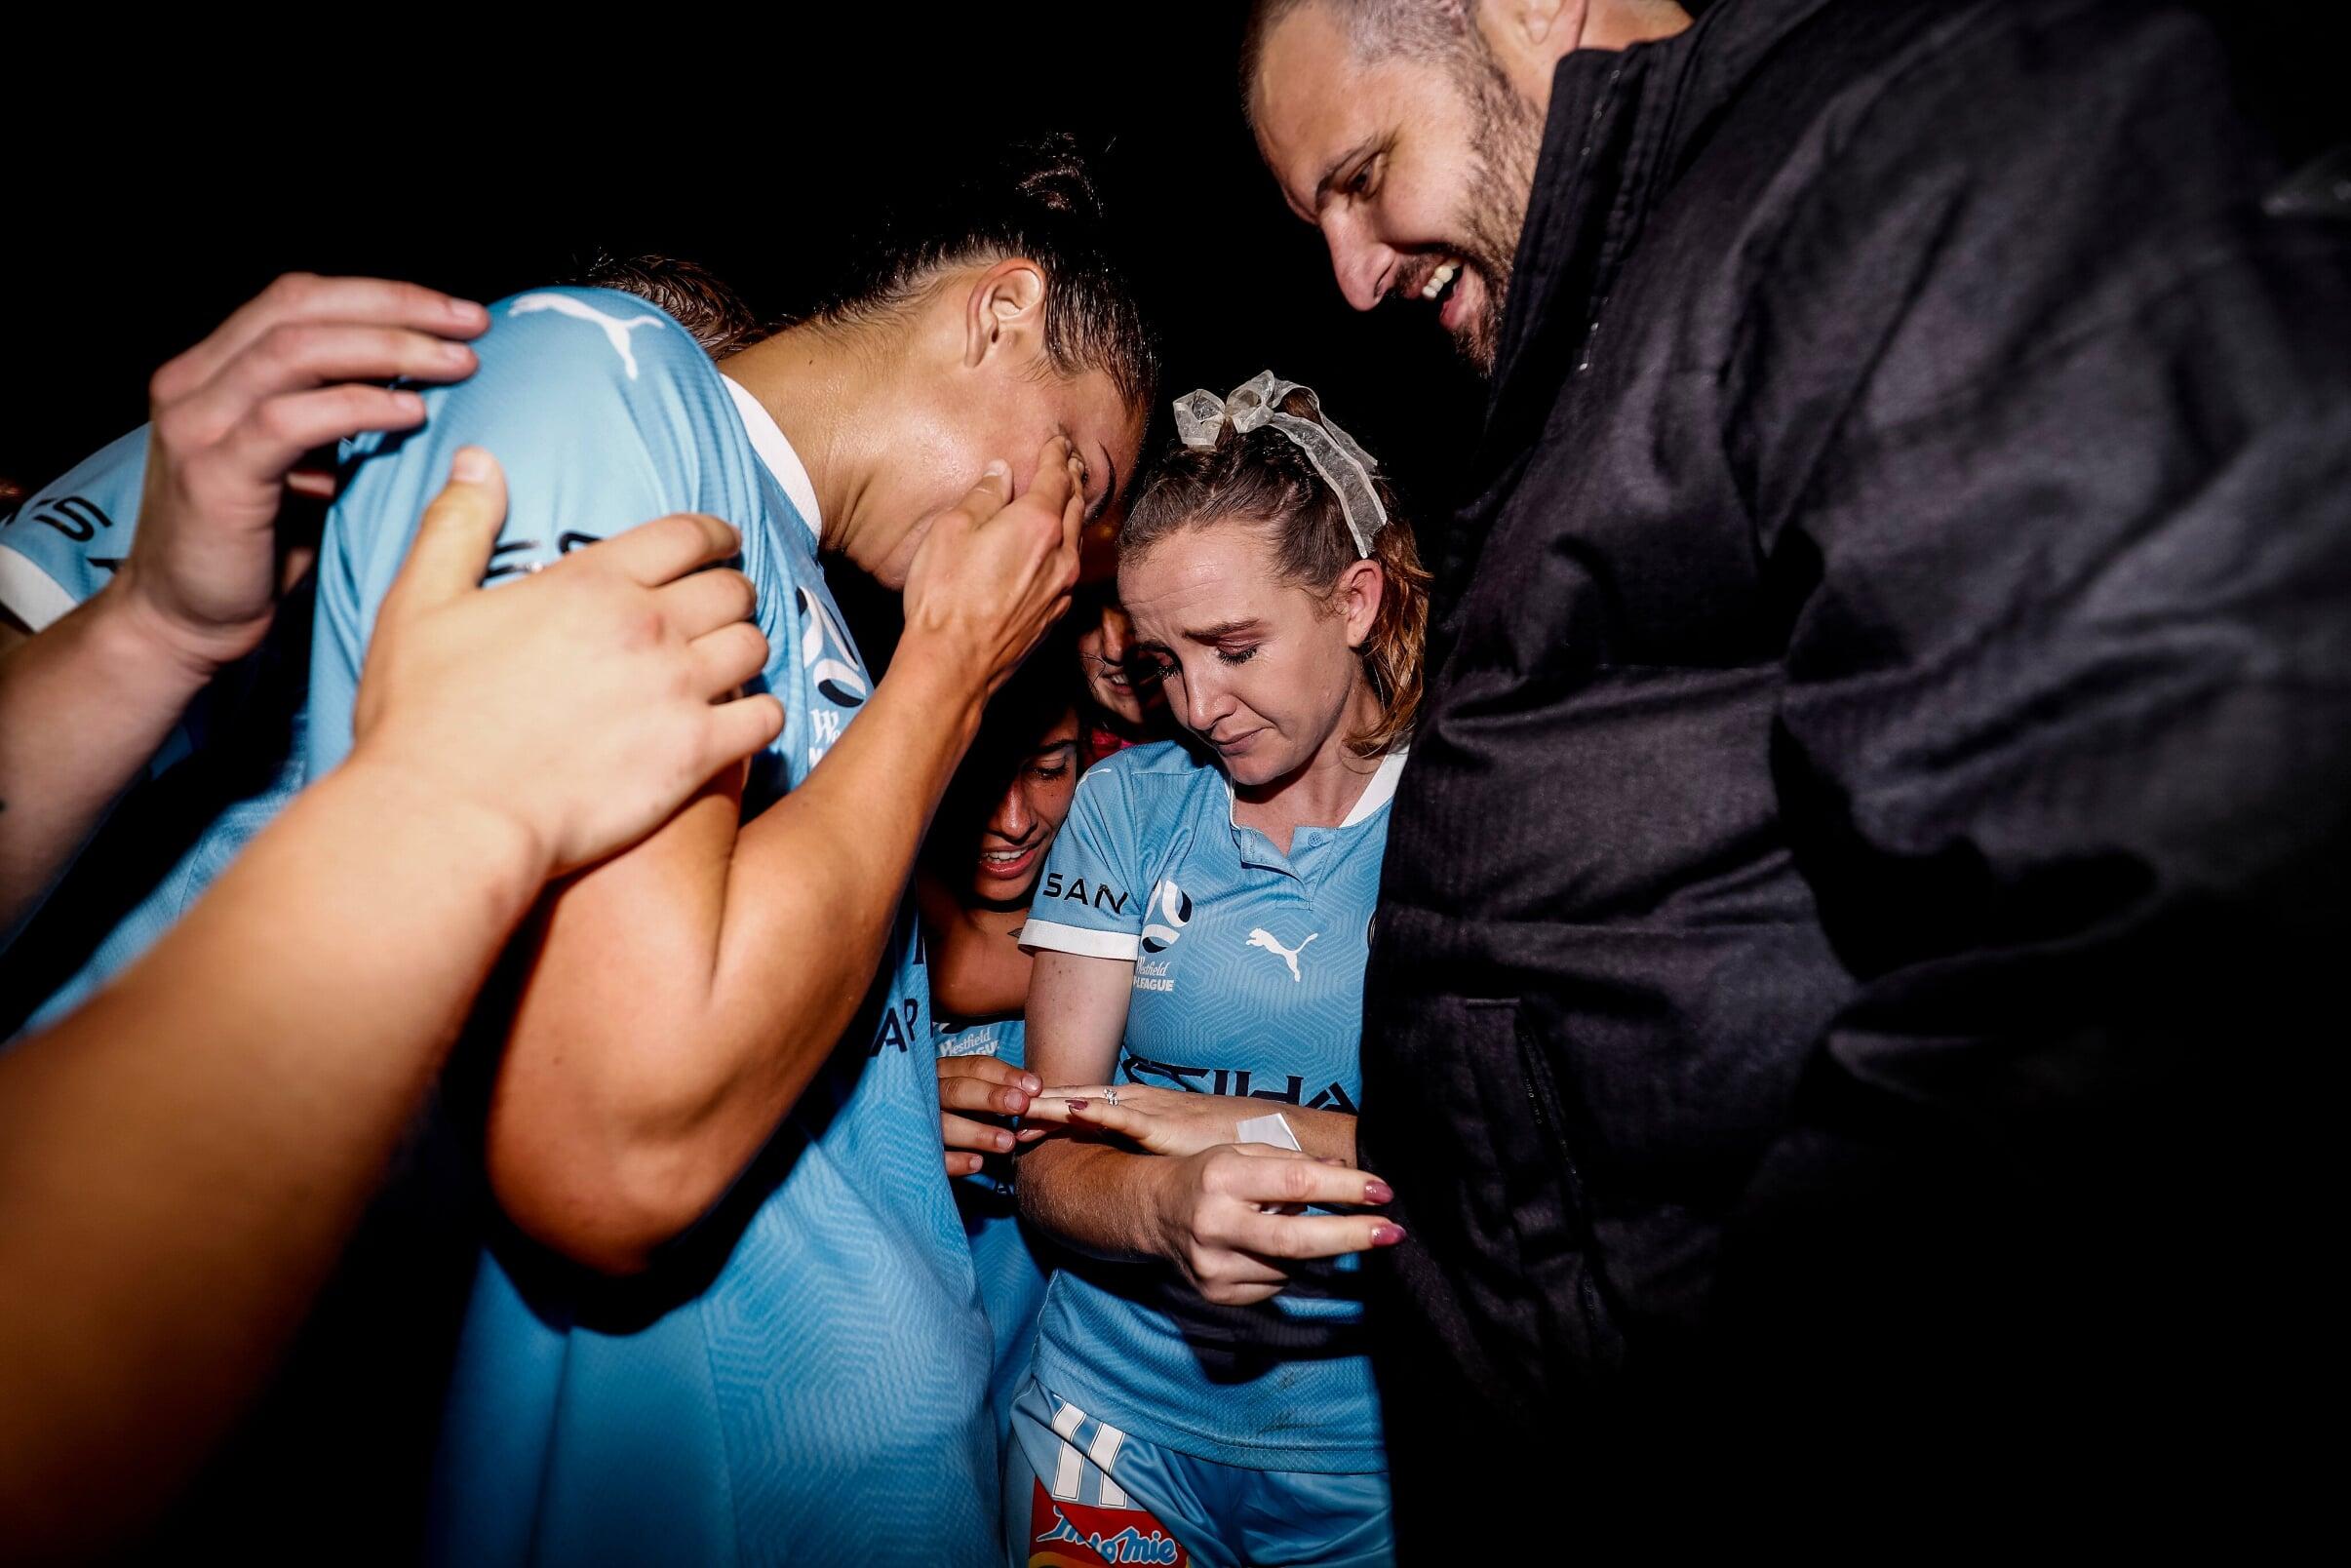 Голливудская история из Австралии: футболистка завершила карьеру ради парня, у которого рак. Он сделал ей предложение после матча